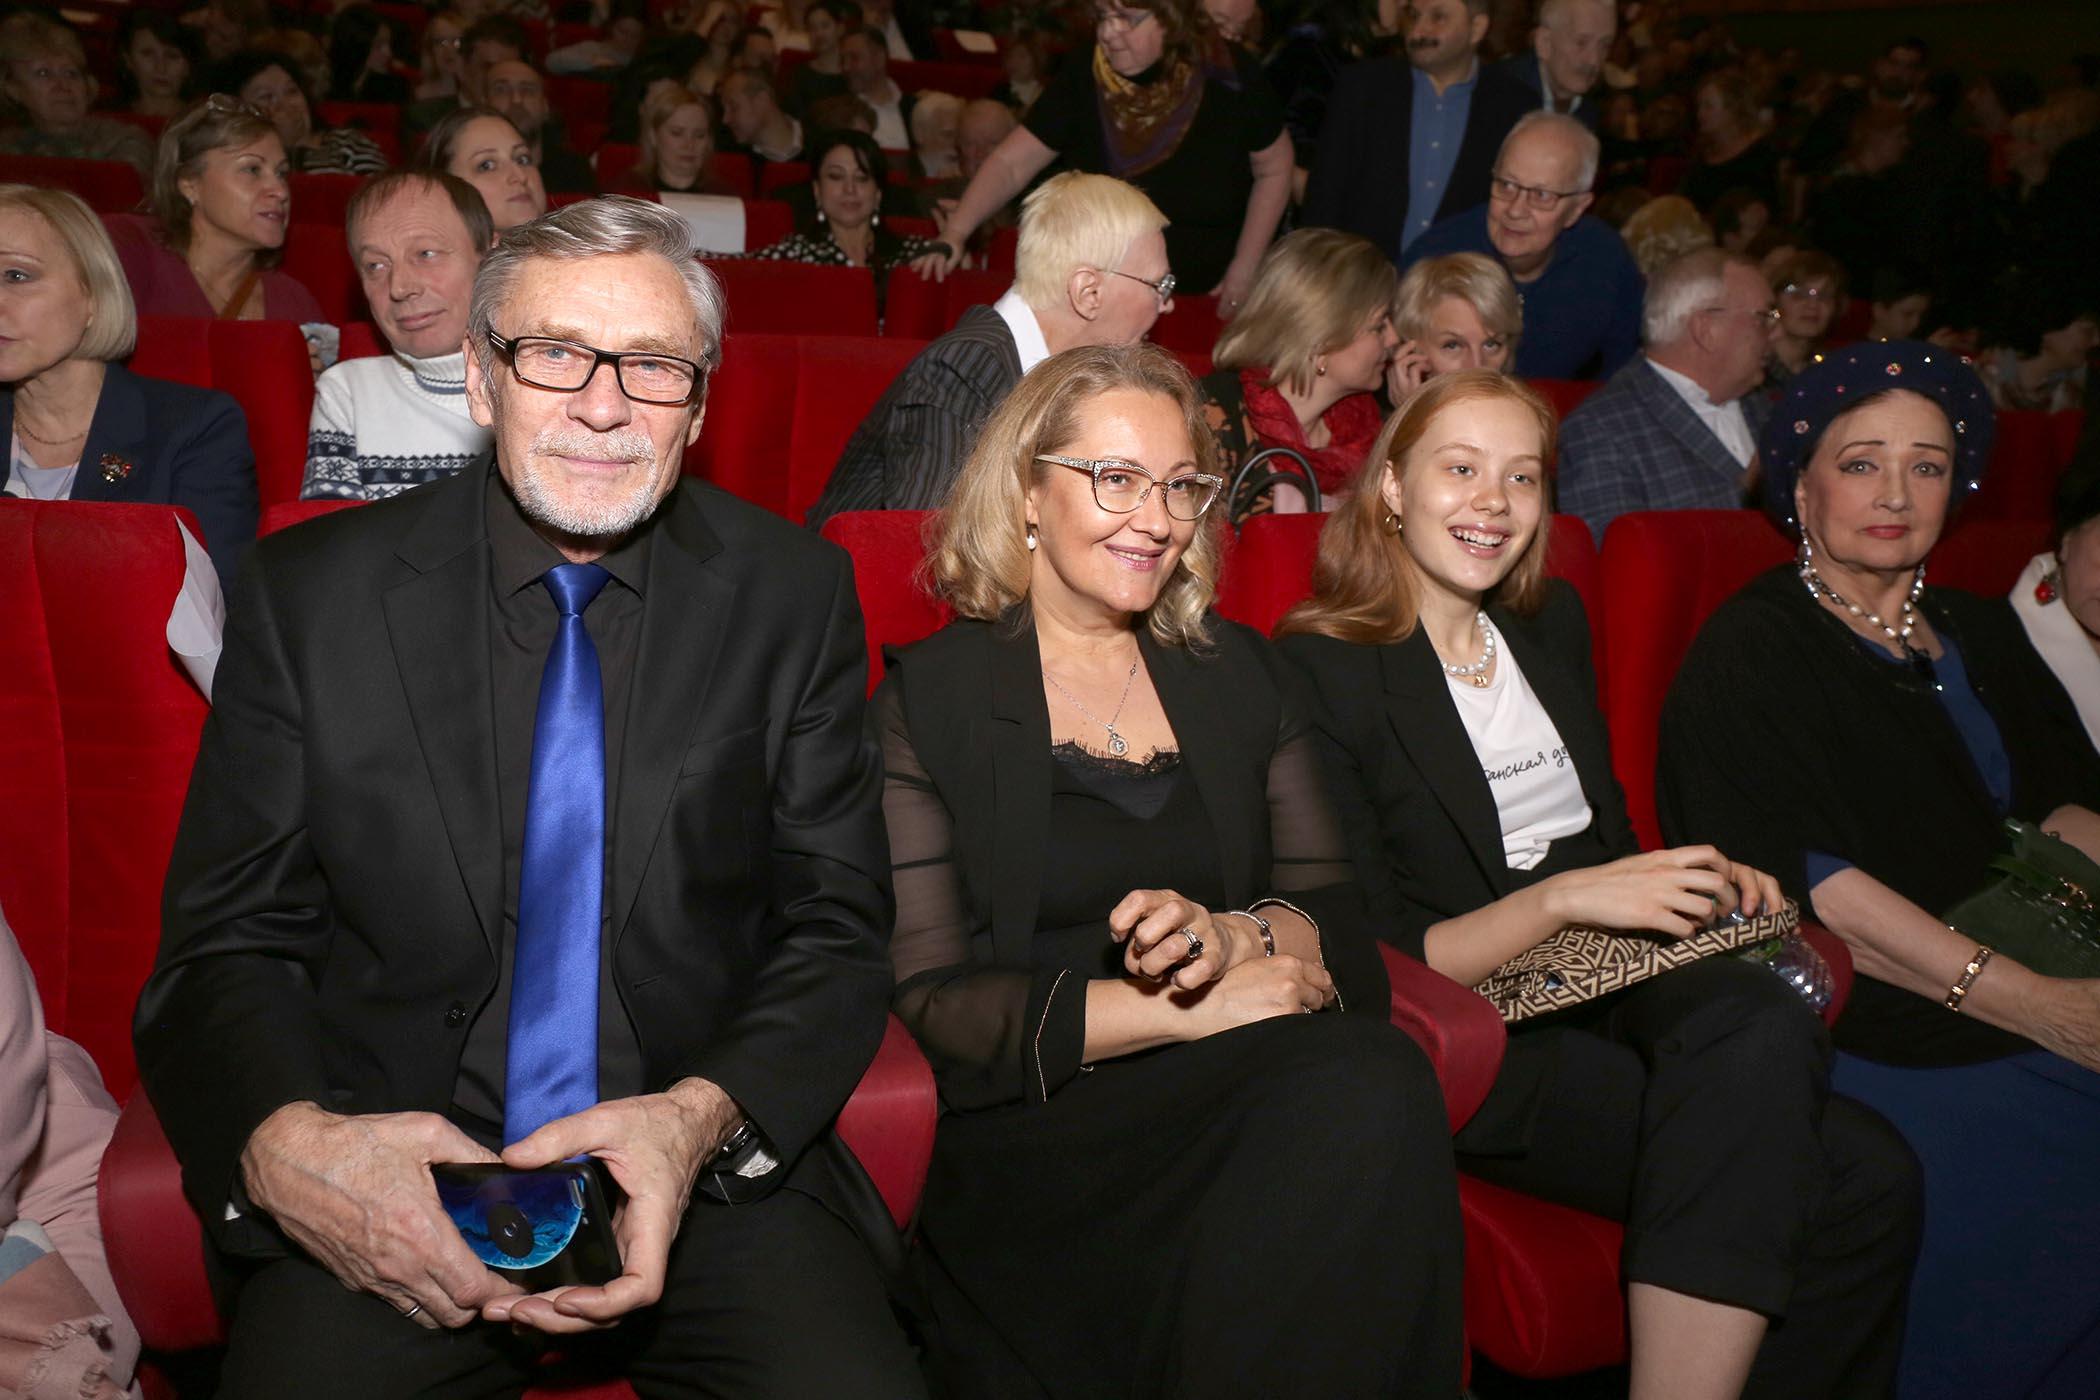 Александр михайлов биография актера фото его семья